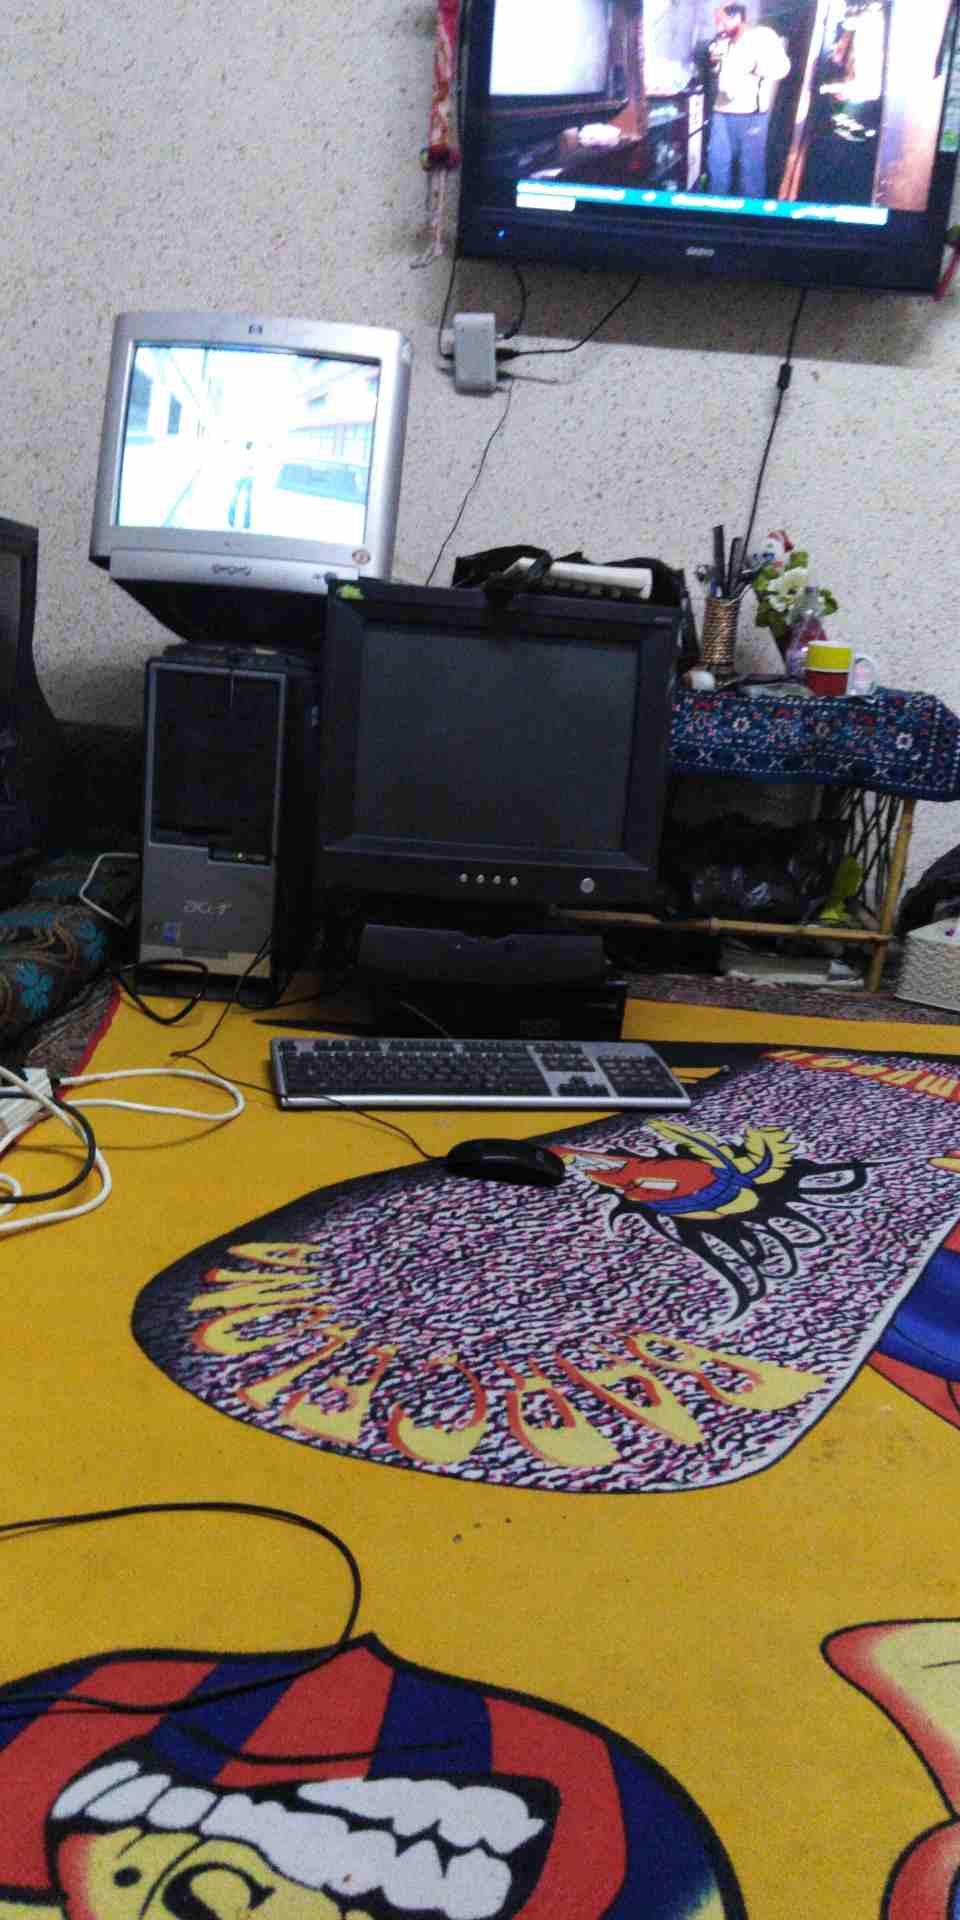 موبيل سامسونج نوت 20بلس كوبى-  كمبيوتر نزل على 30لعبي...